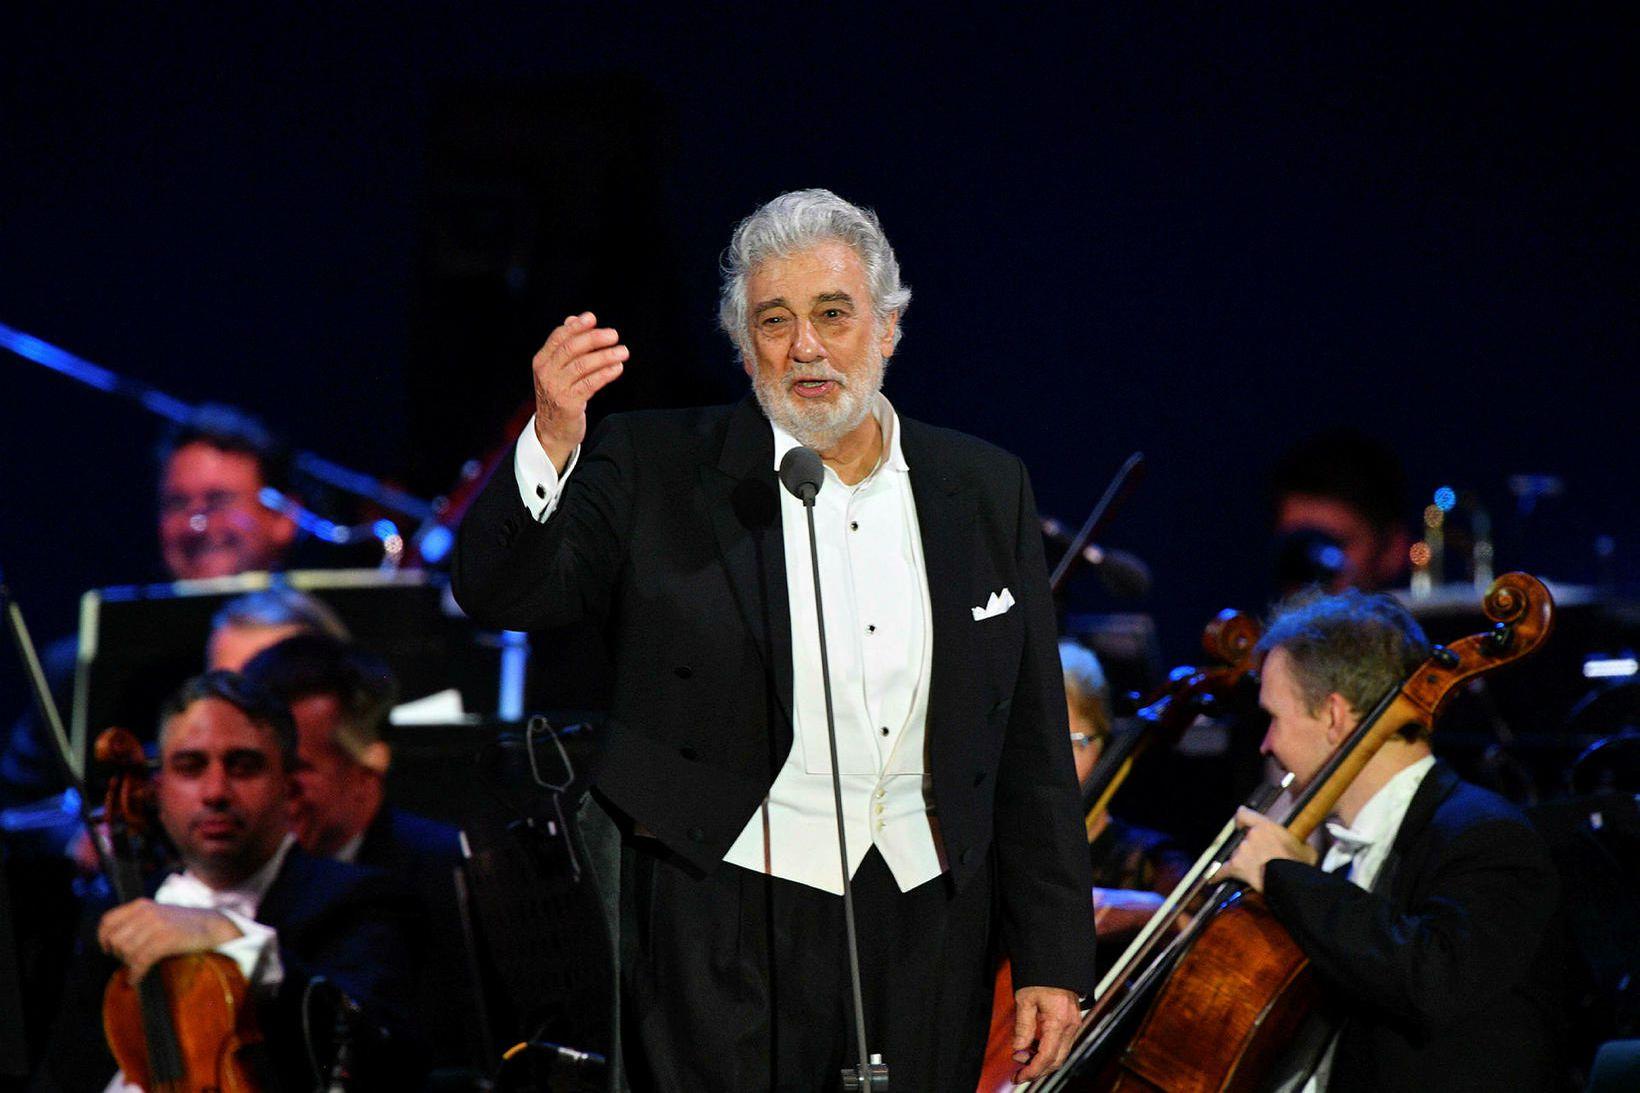 Spænski tenórinn Placido Domingo mun aldrei aftur koma fram í …